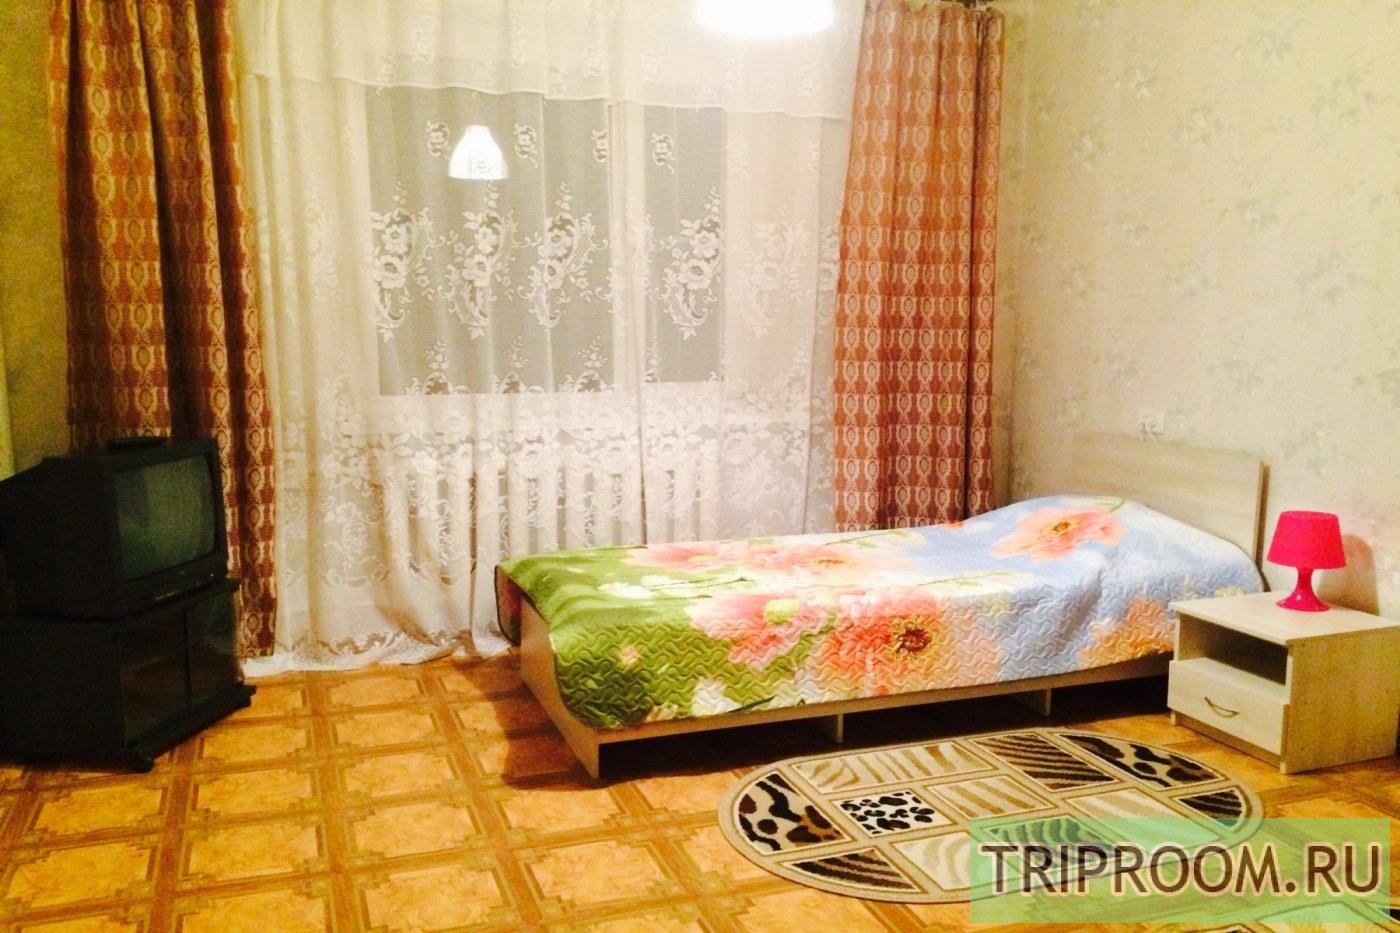 2-комнатная квартира посуточно (вариант № 39428), ул. Таганрогская, фото № 6